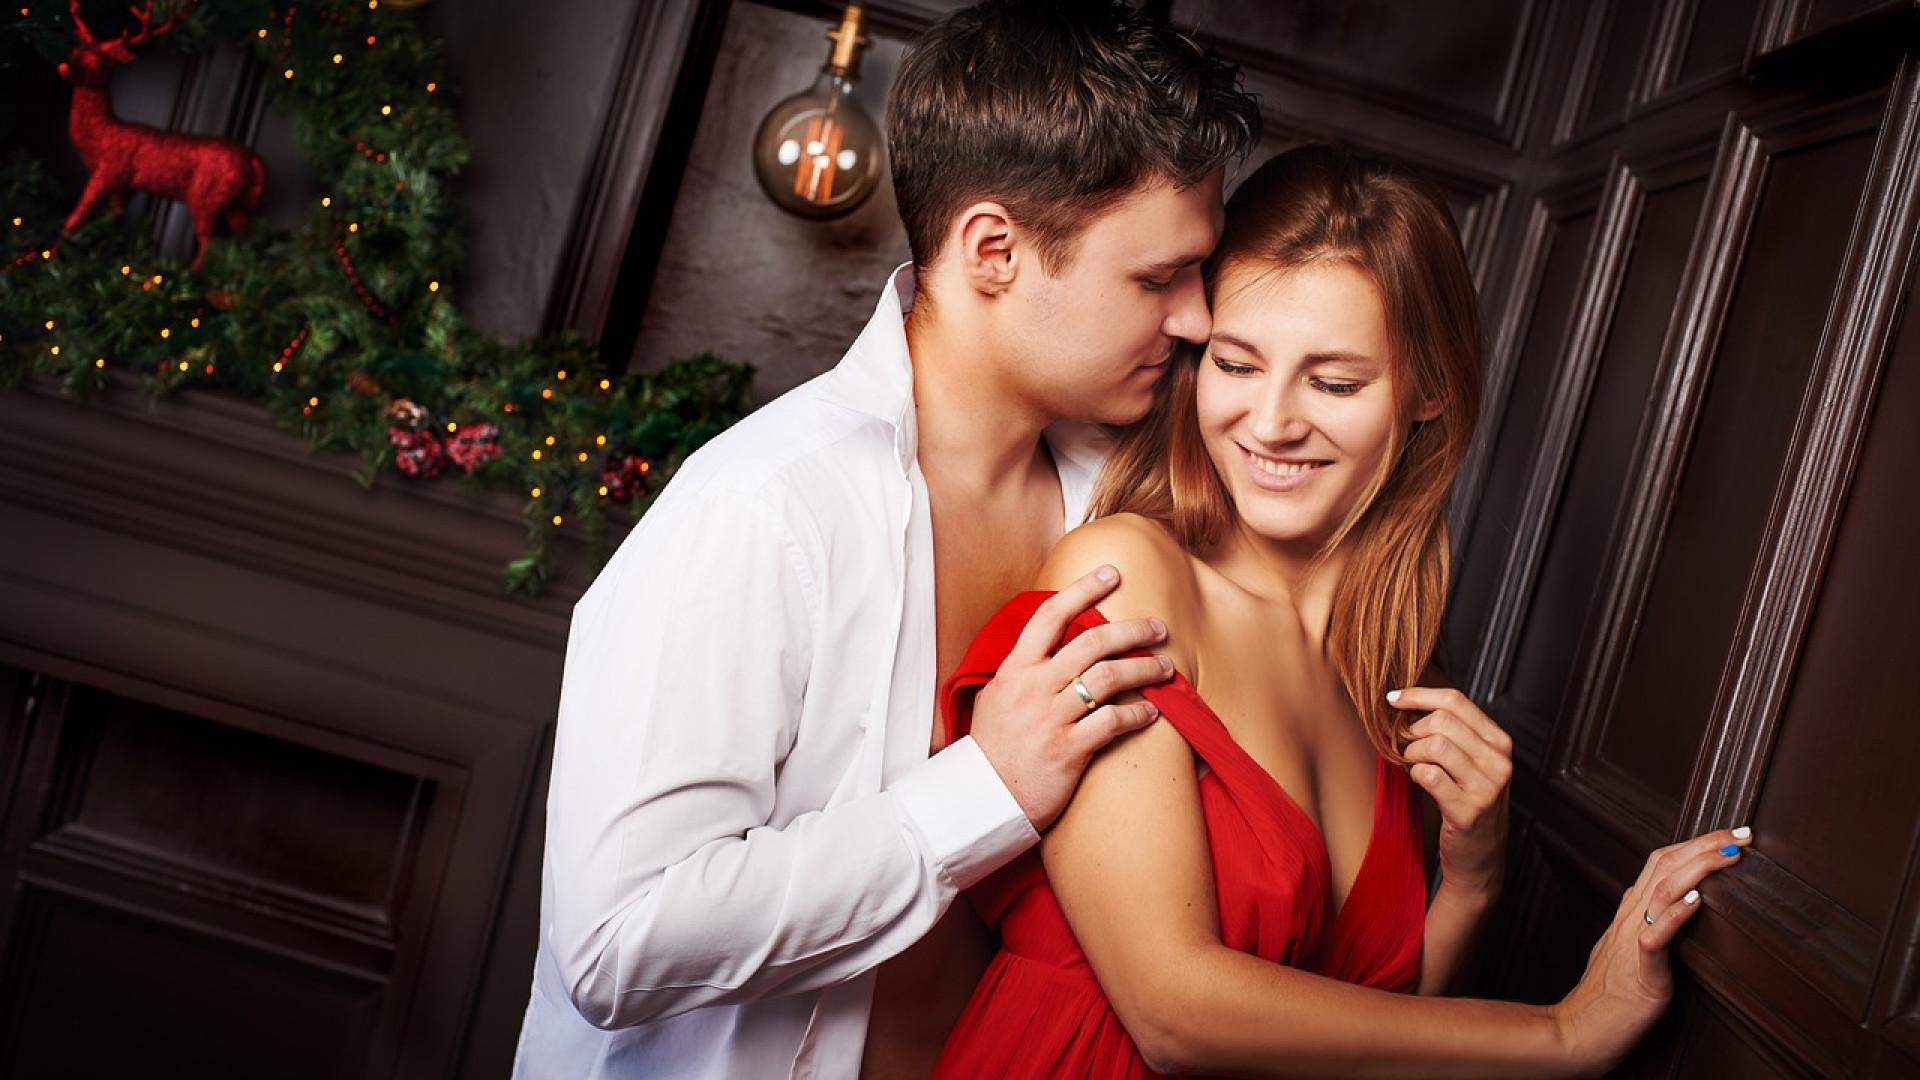 Rencontre et séduction : à la recherche d'une relation coquine